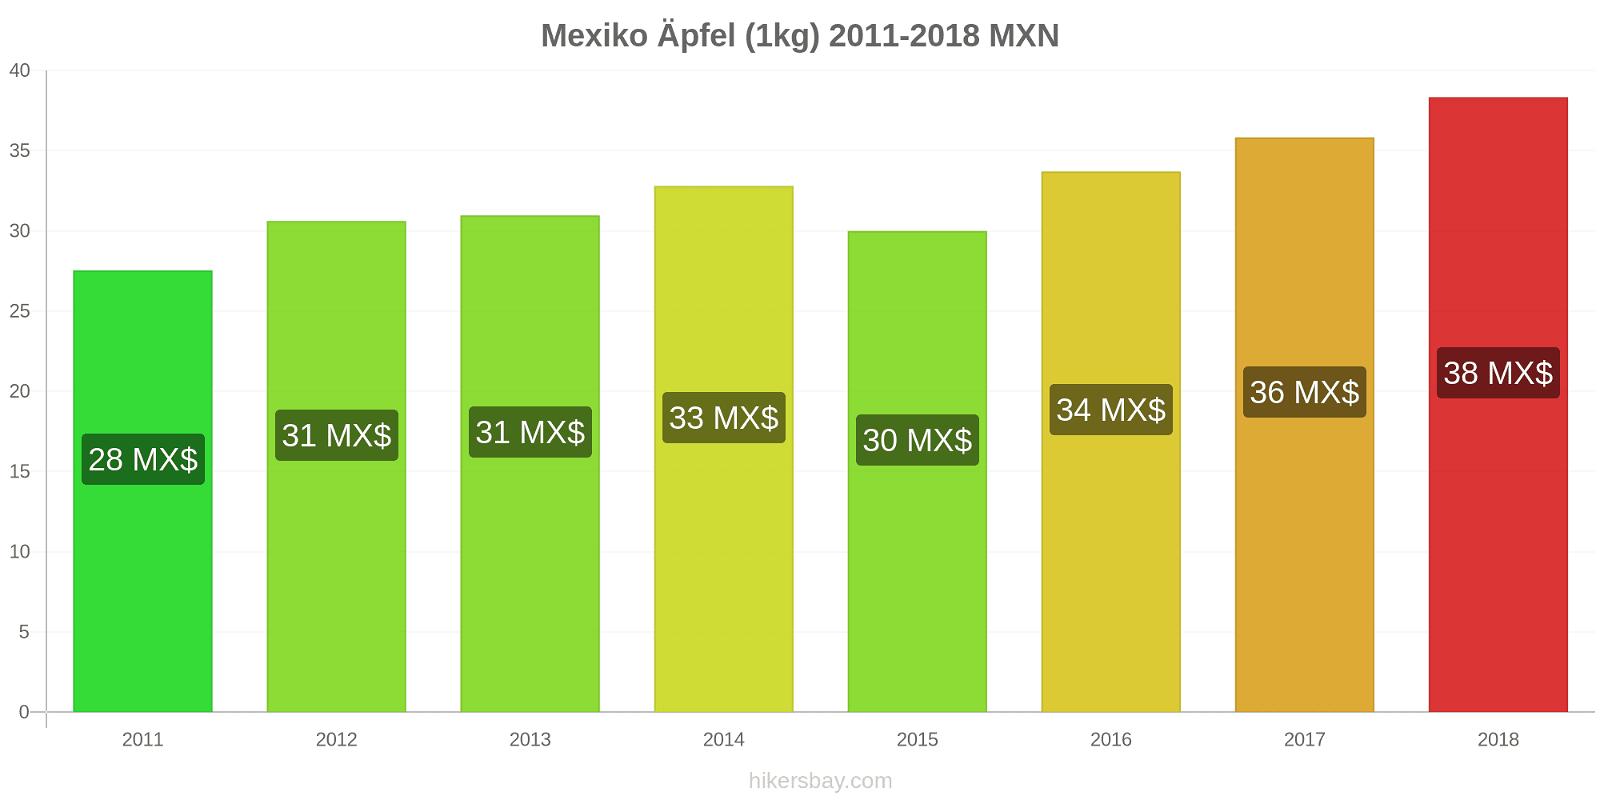 Mexiko Preisänderungen Äpfel (1kg) hikersbay.com